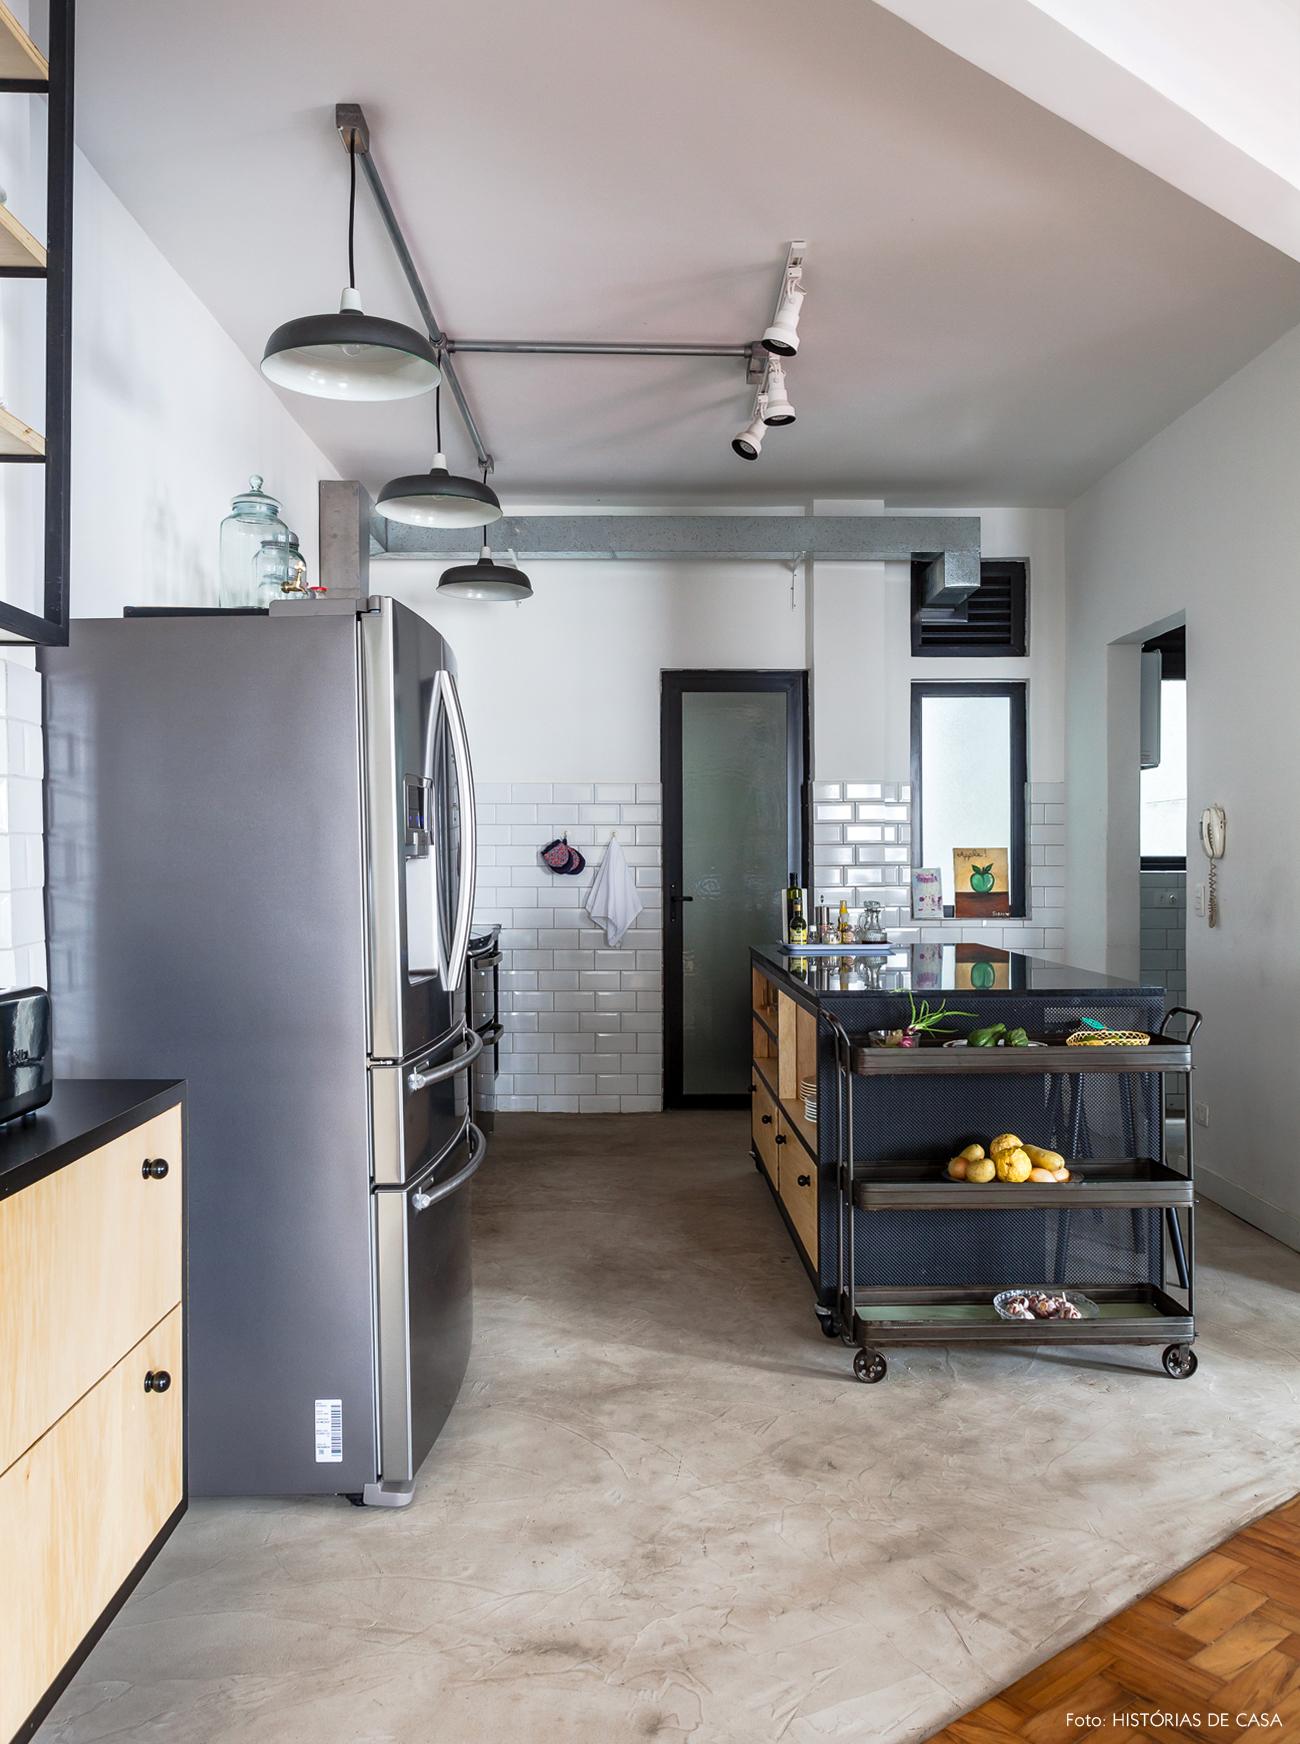 35-decoracao-cozinha-integrada-piso-cimento-queimado